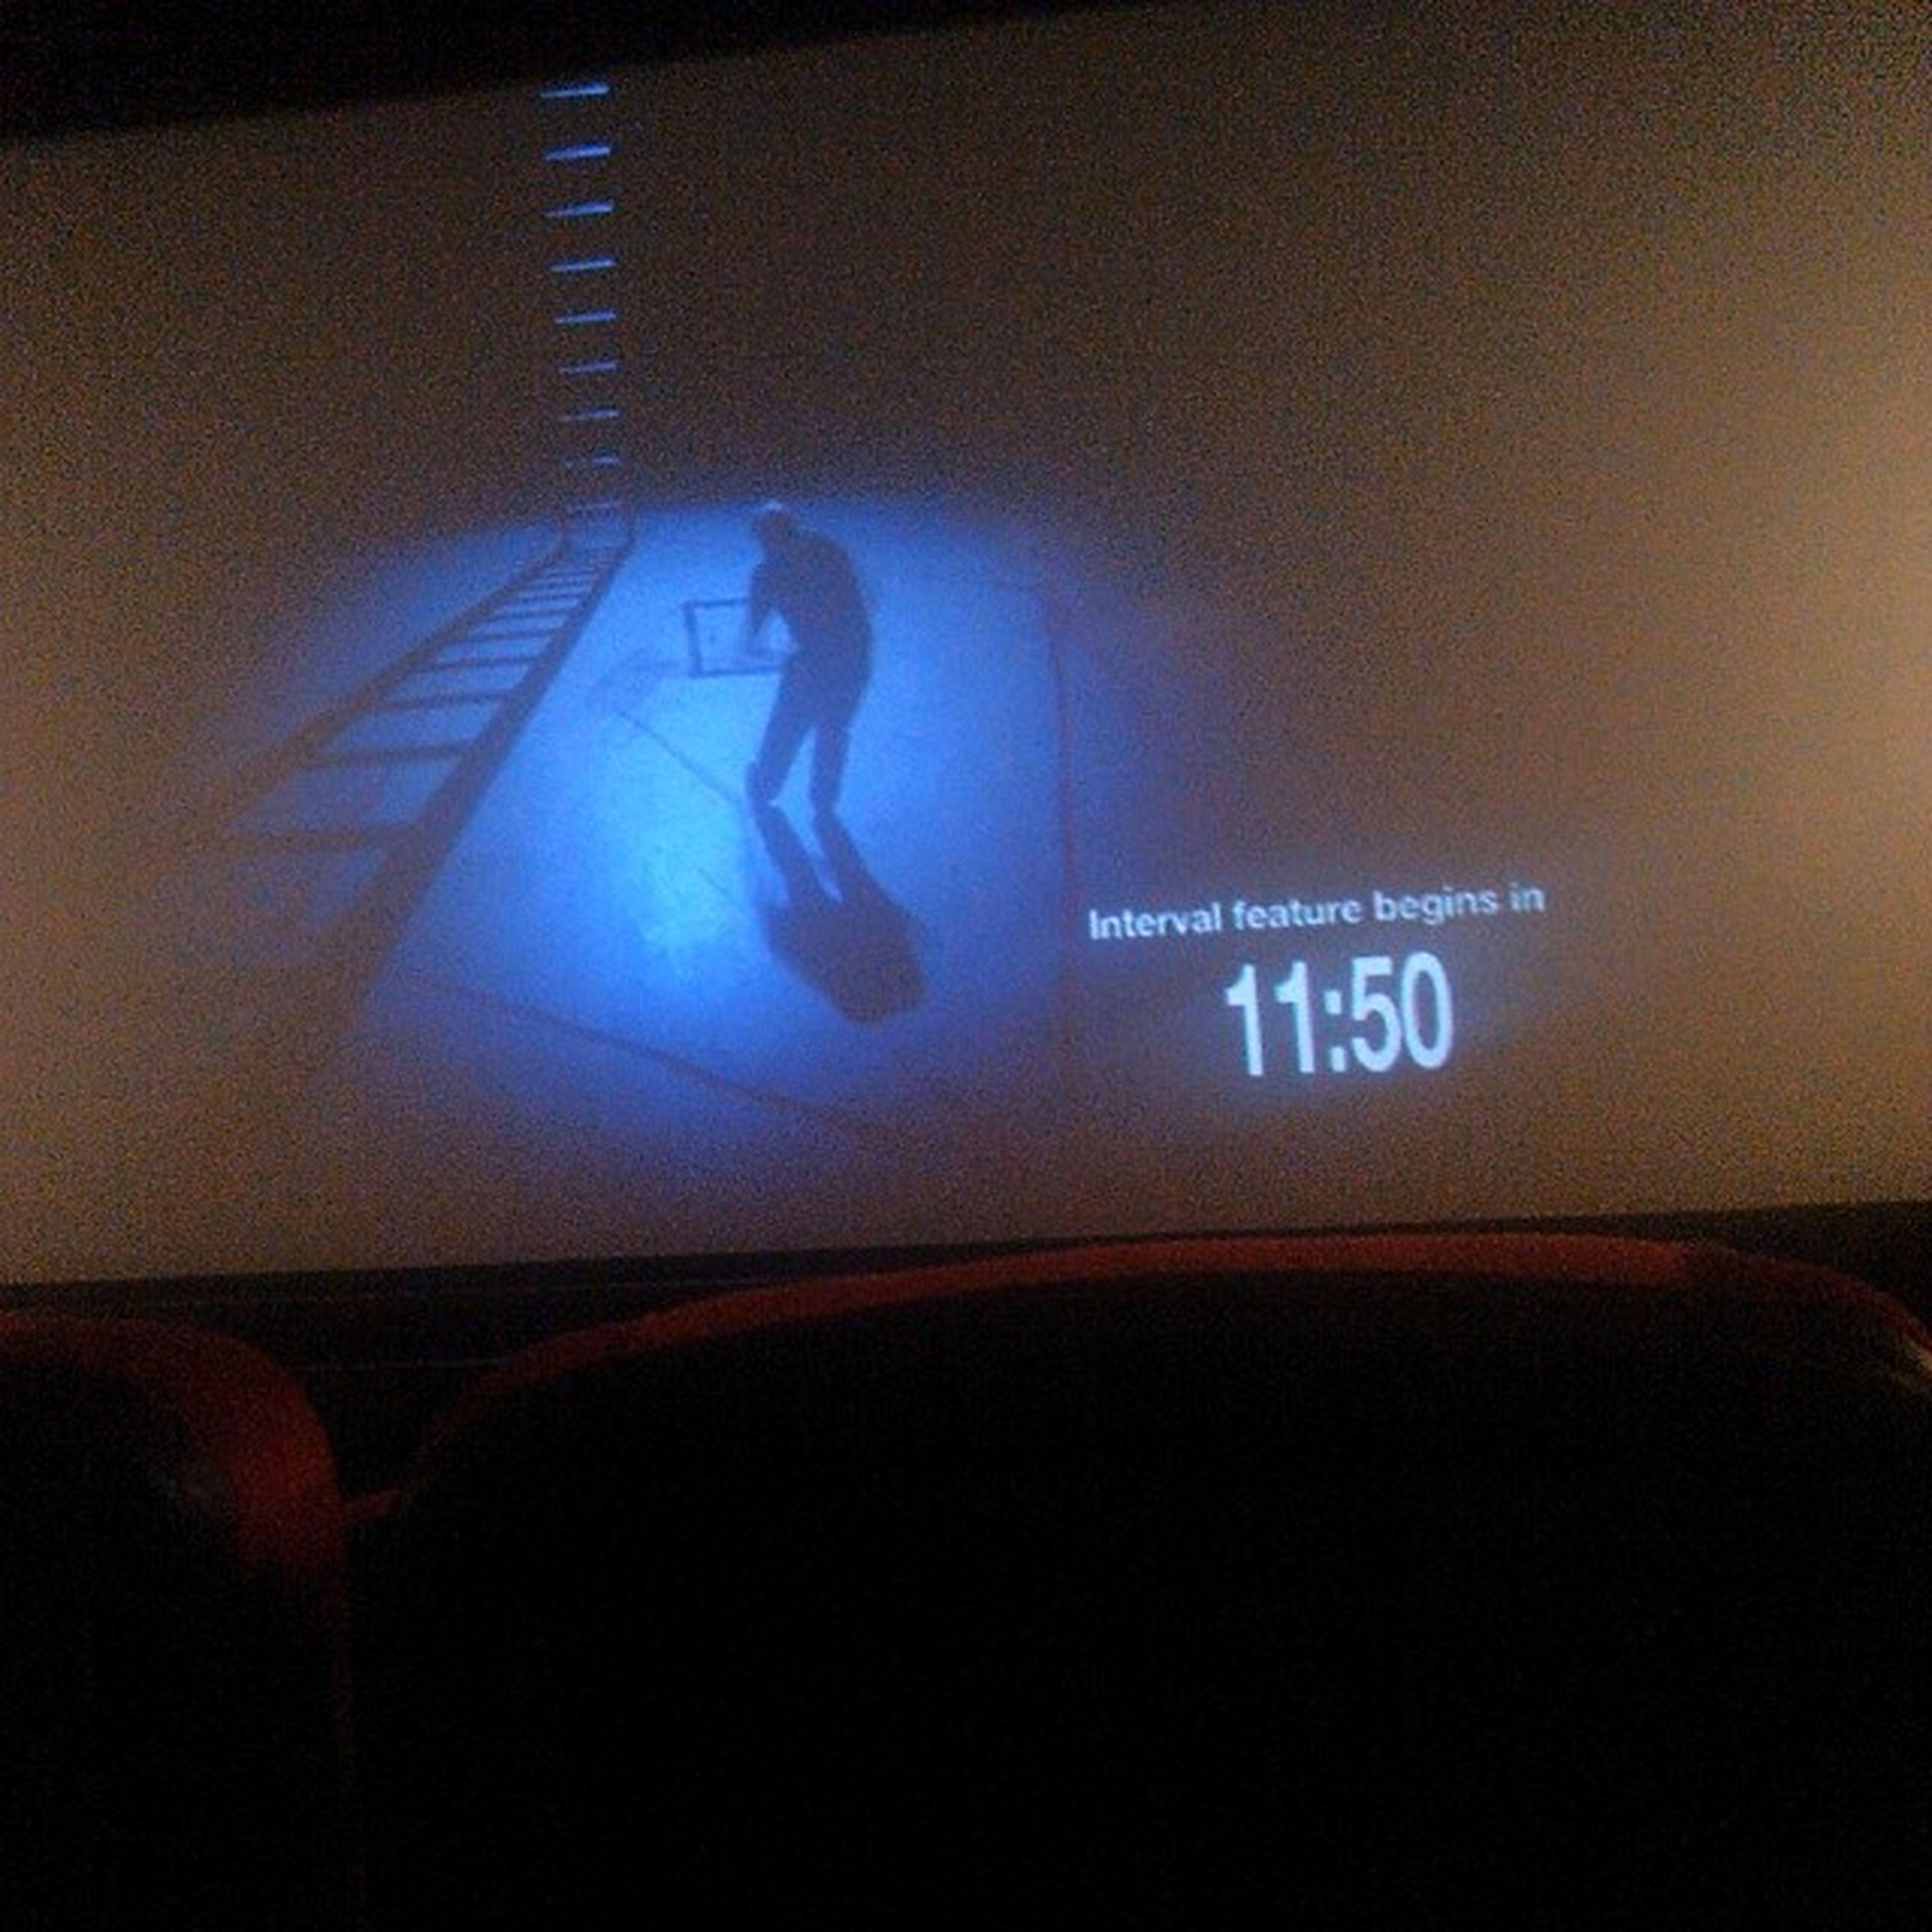 Coronalius TomHiddleston Theatrehd Cinema screen interval time countdown